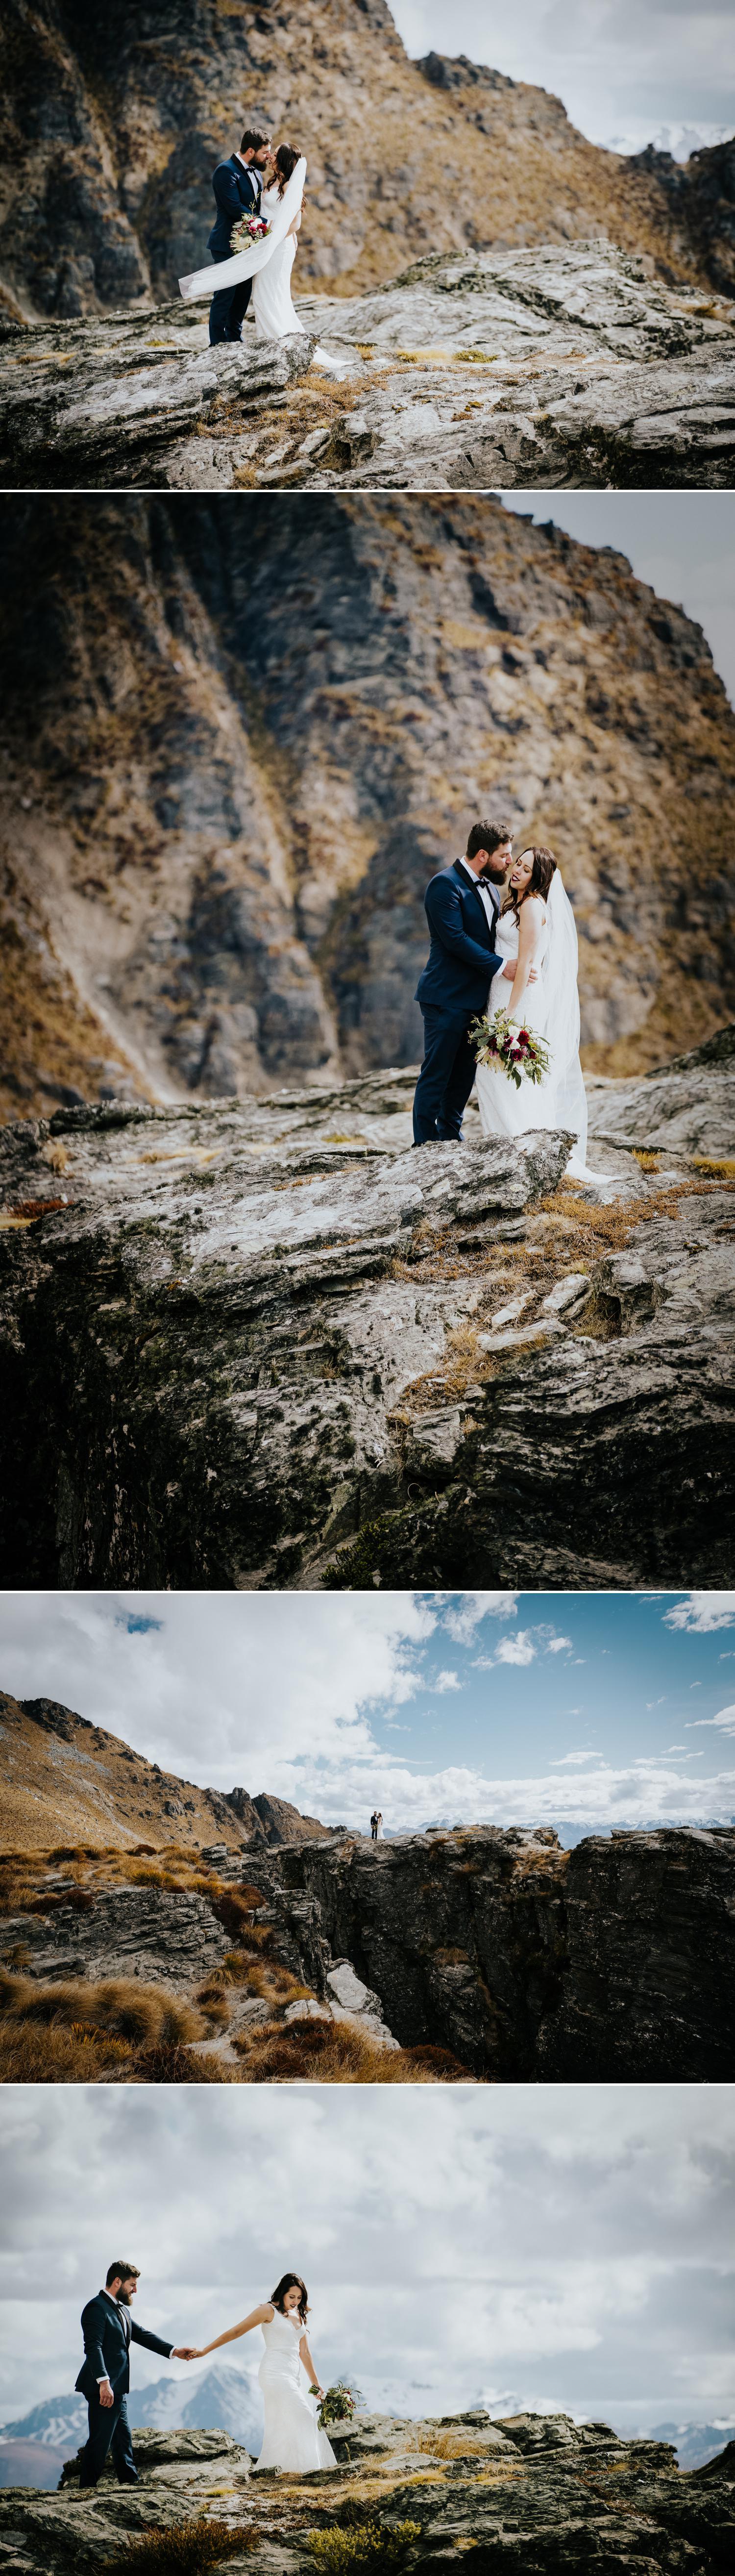 Wedding planner Cecil Peak